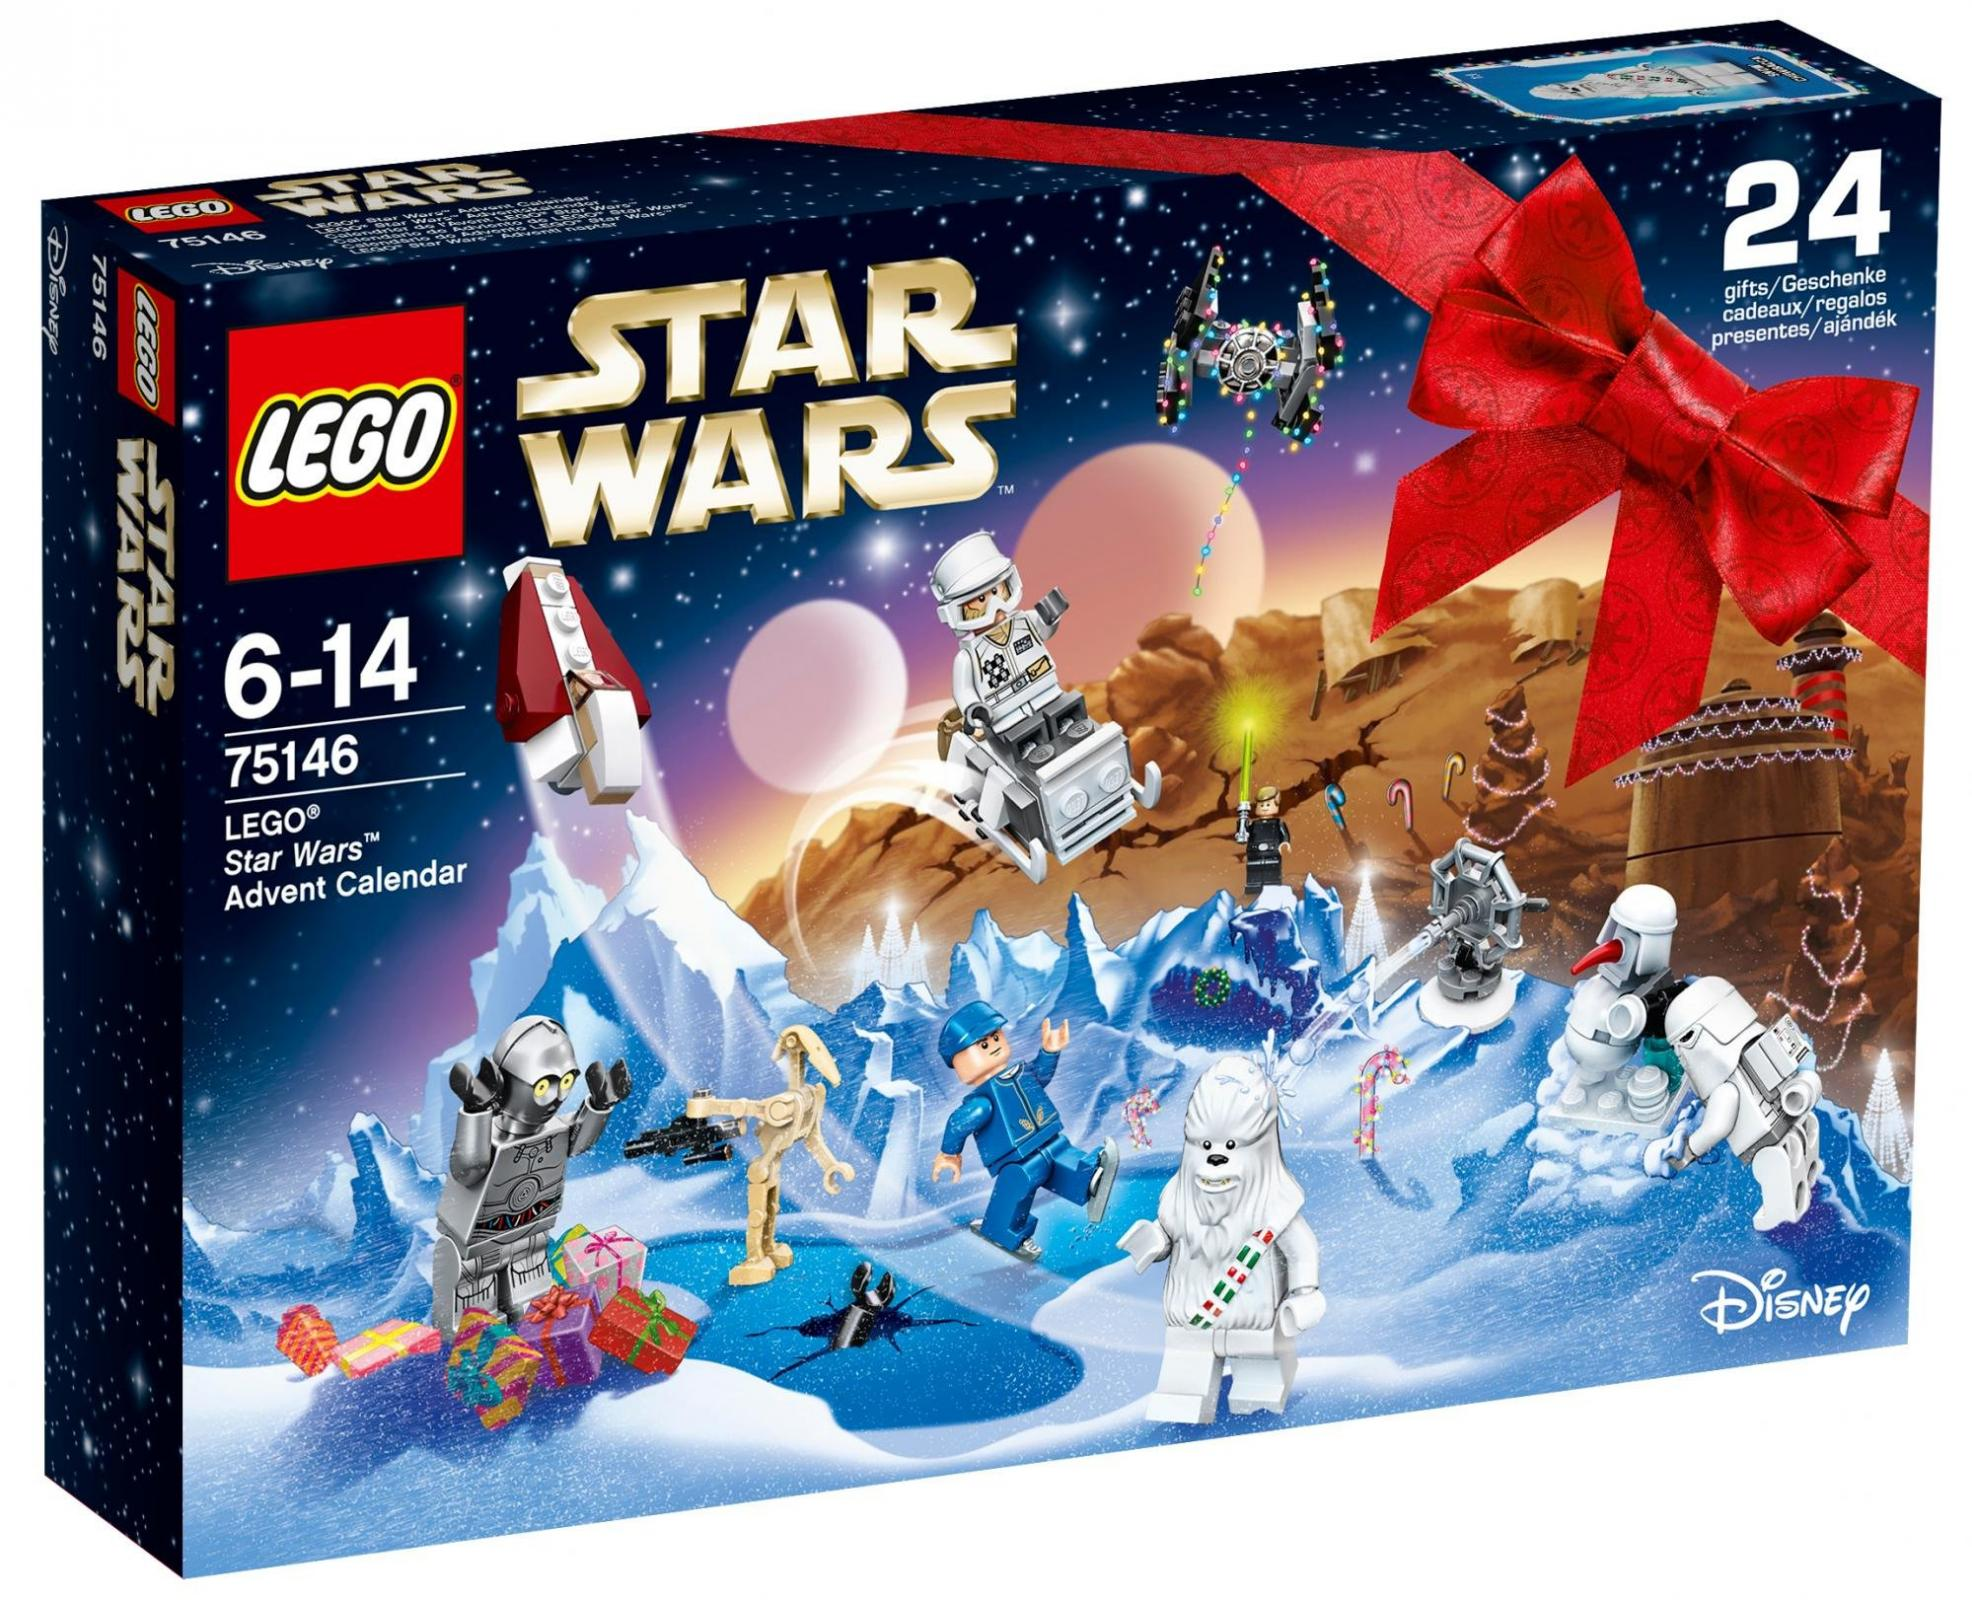 angry birds adventi naptár LEGO® Star Wars™ Adventi Naptár 2016   Kockafalu angry birds adventi naptár